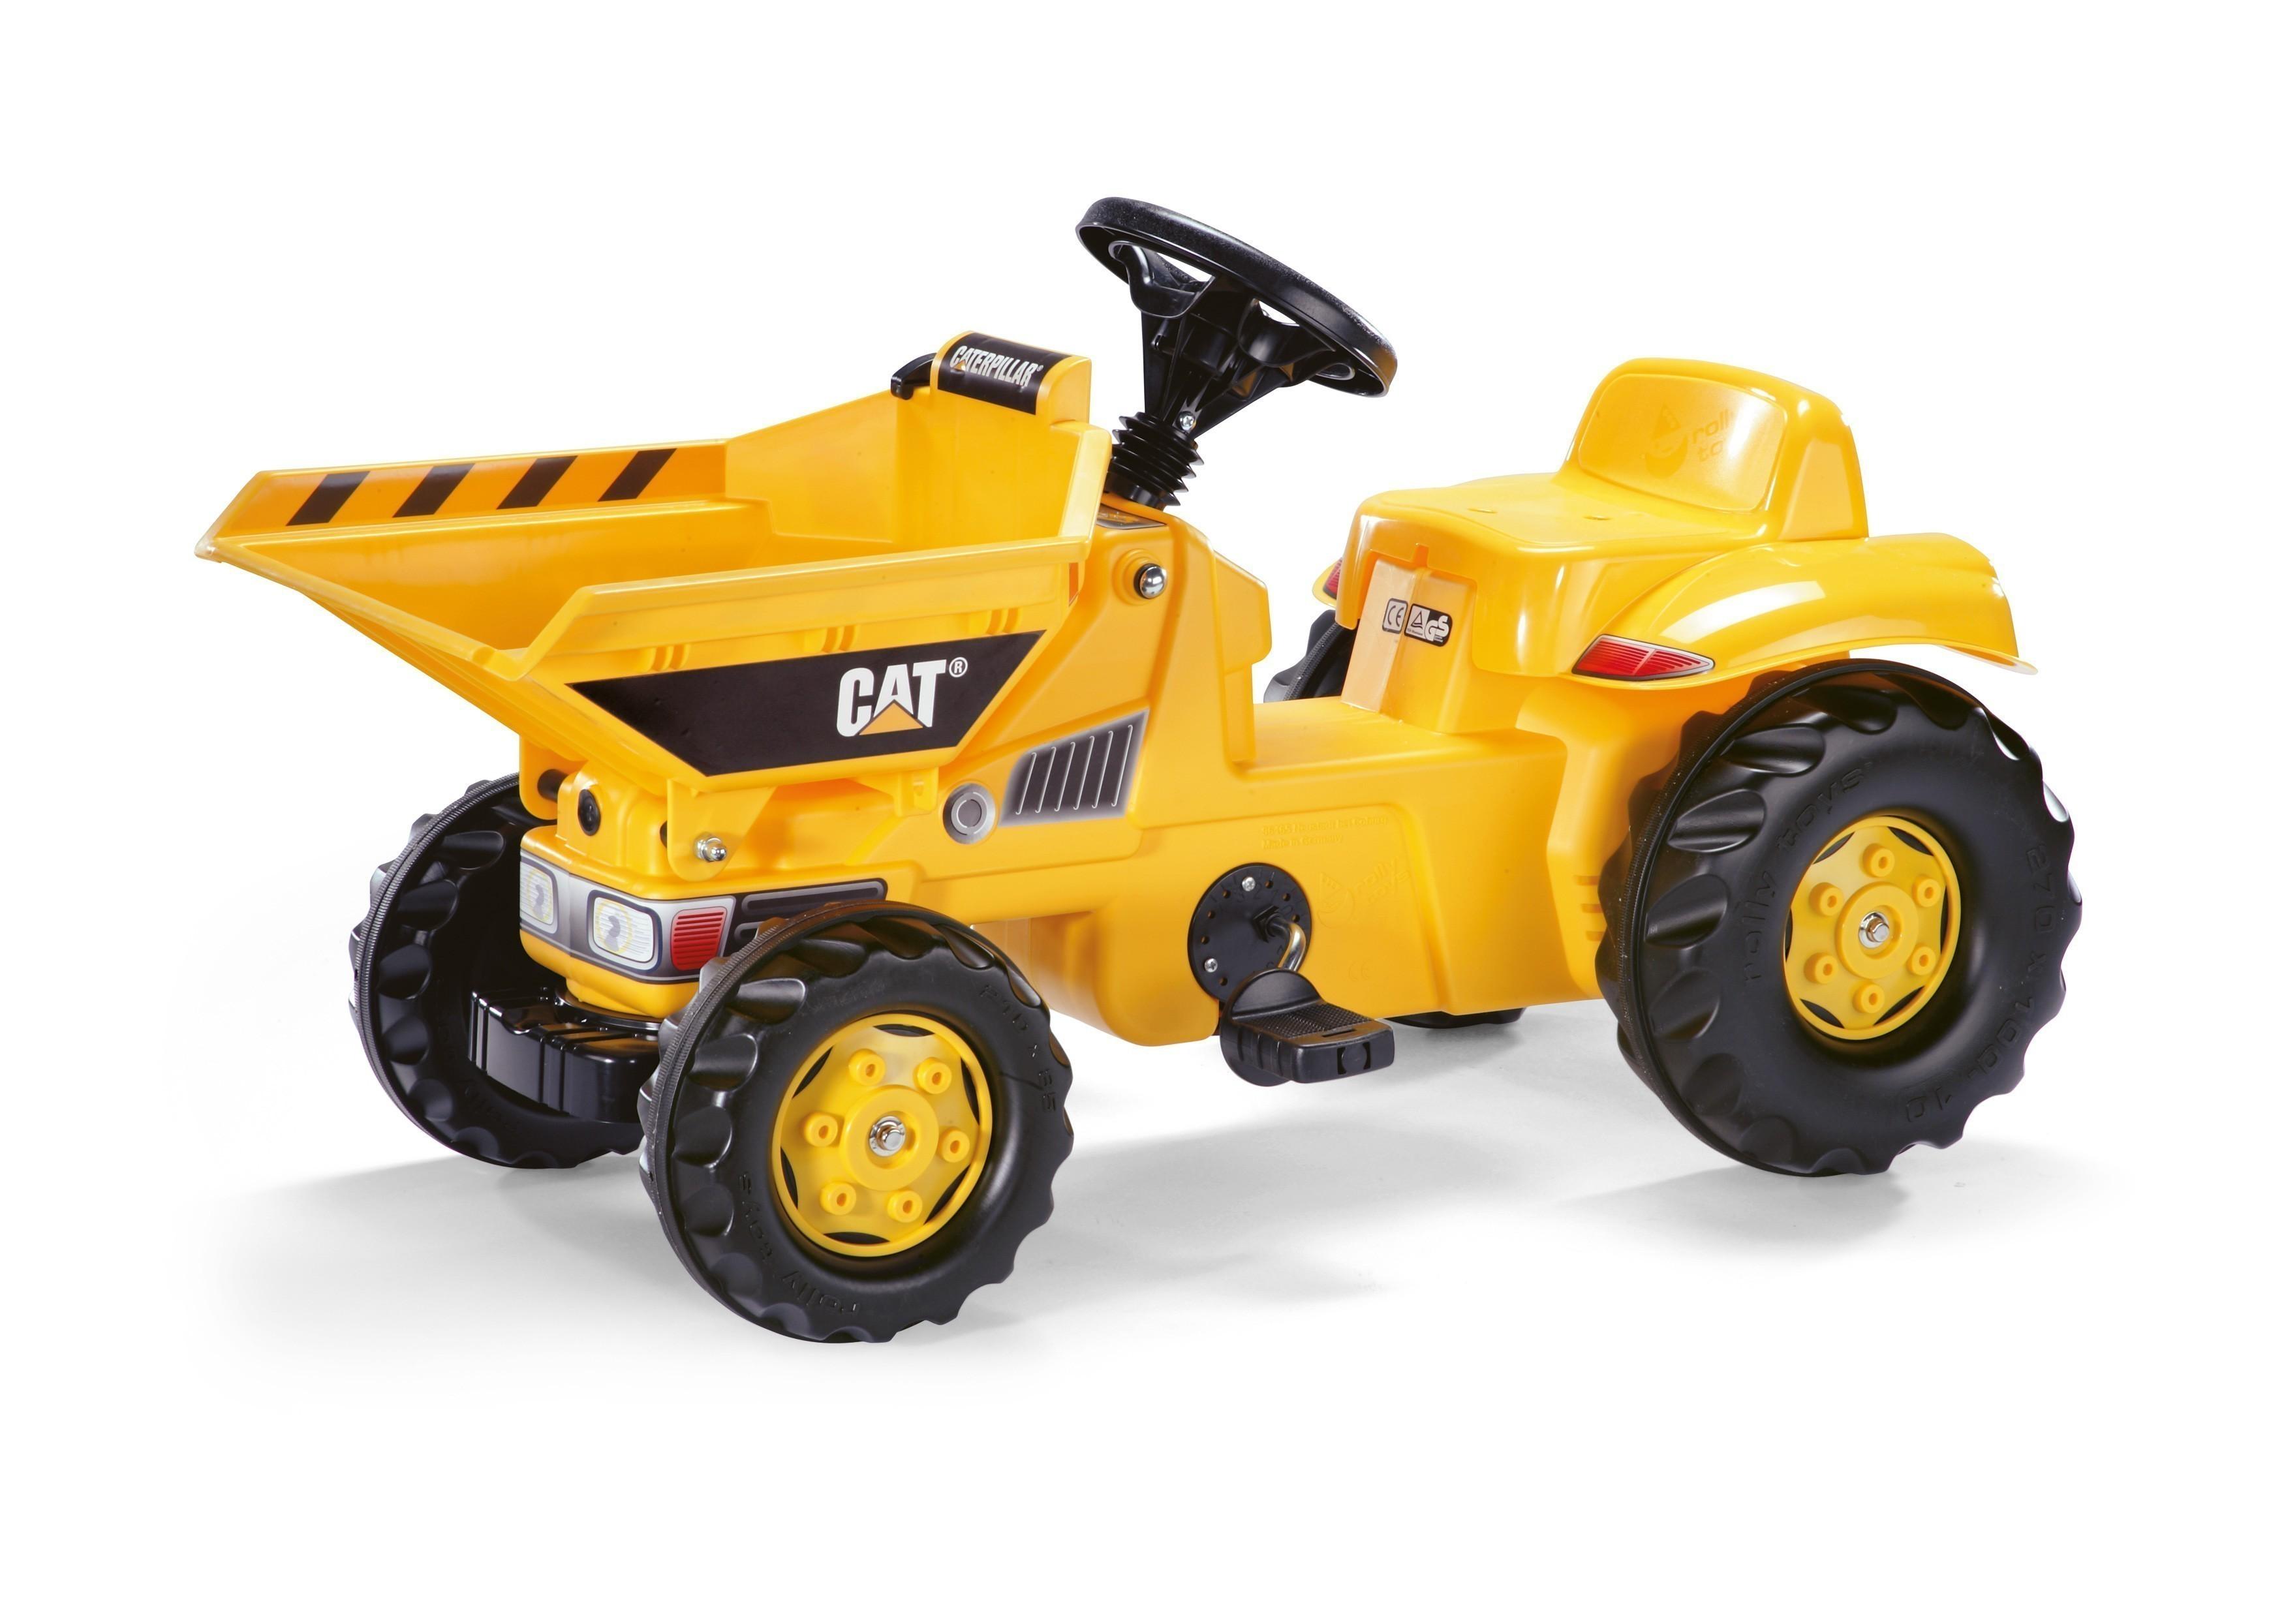 Trettraktor Dumper rolly Kid CAT - Rolly Toys Bild 1